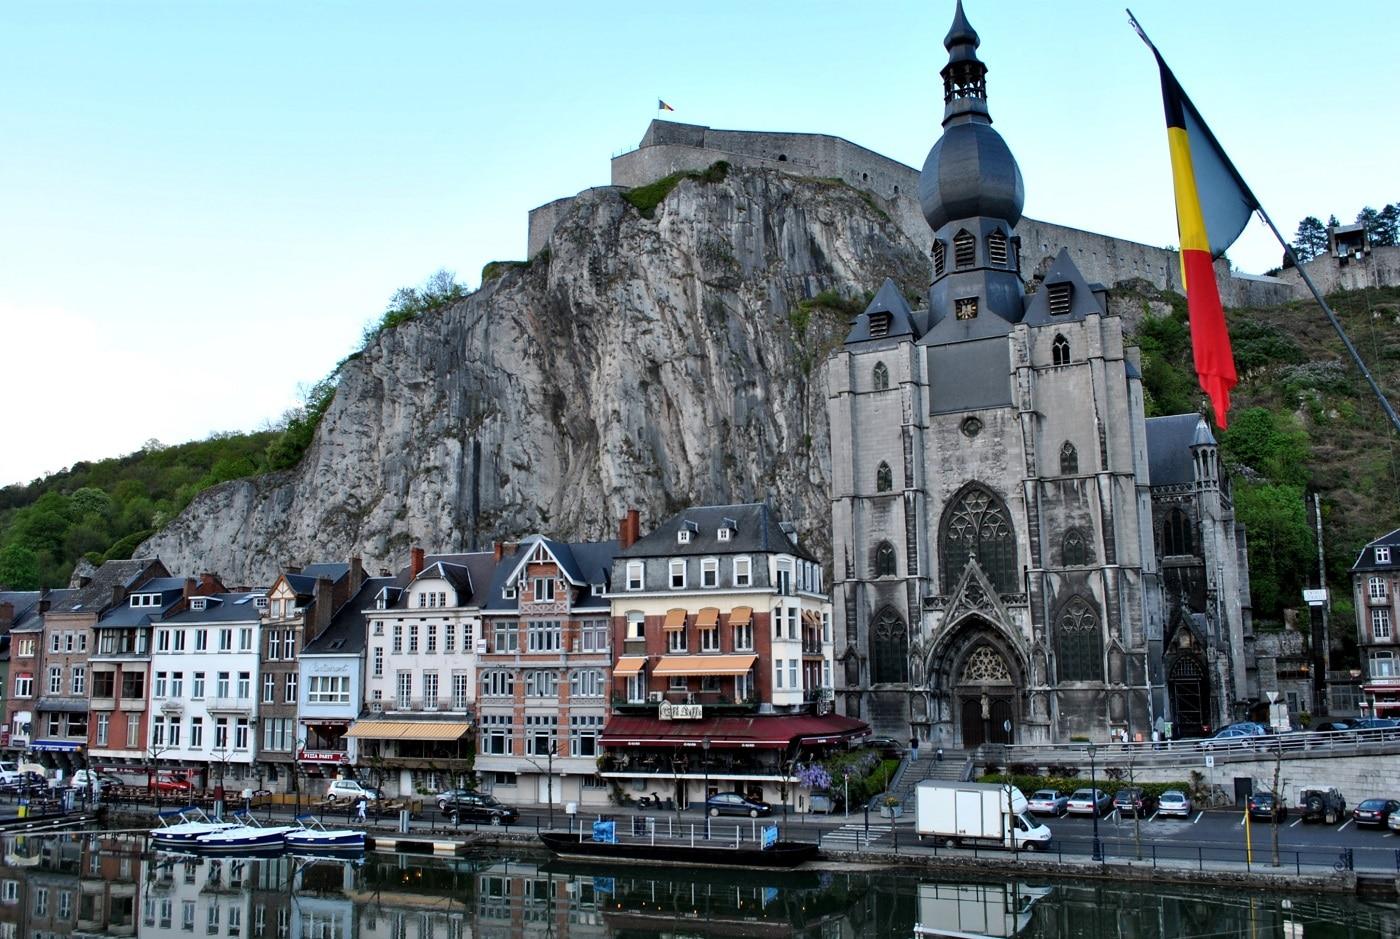 Catedrala din Dinant, cea mai impunătoare clădire a orașului